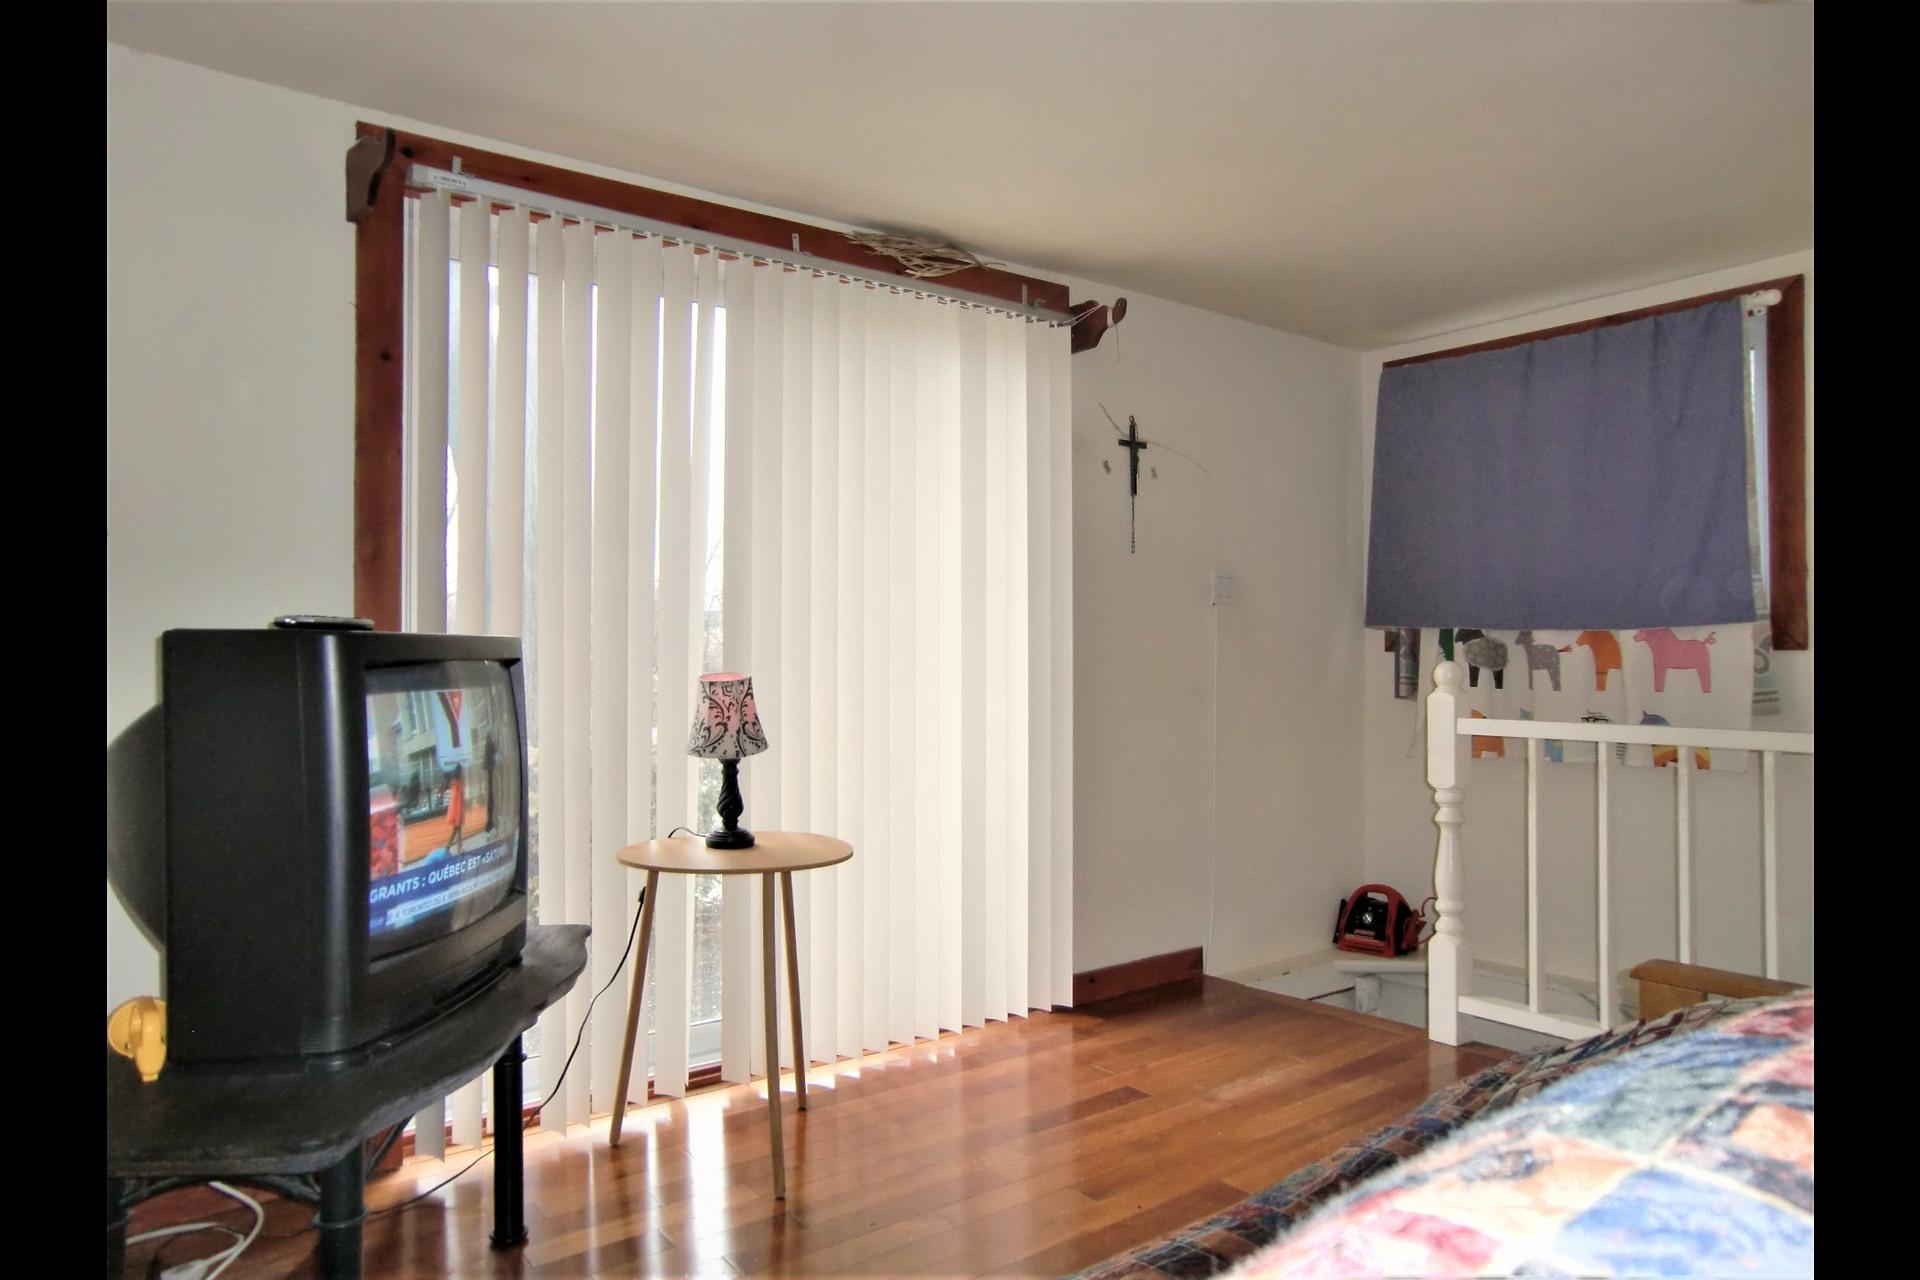 image 5 - Maison À vendre Bedford - Ville - 6 pièces